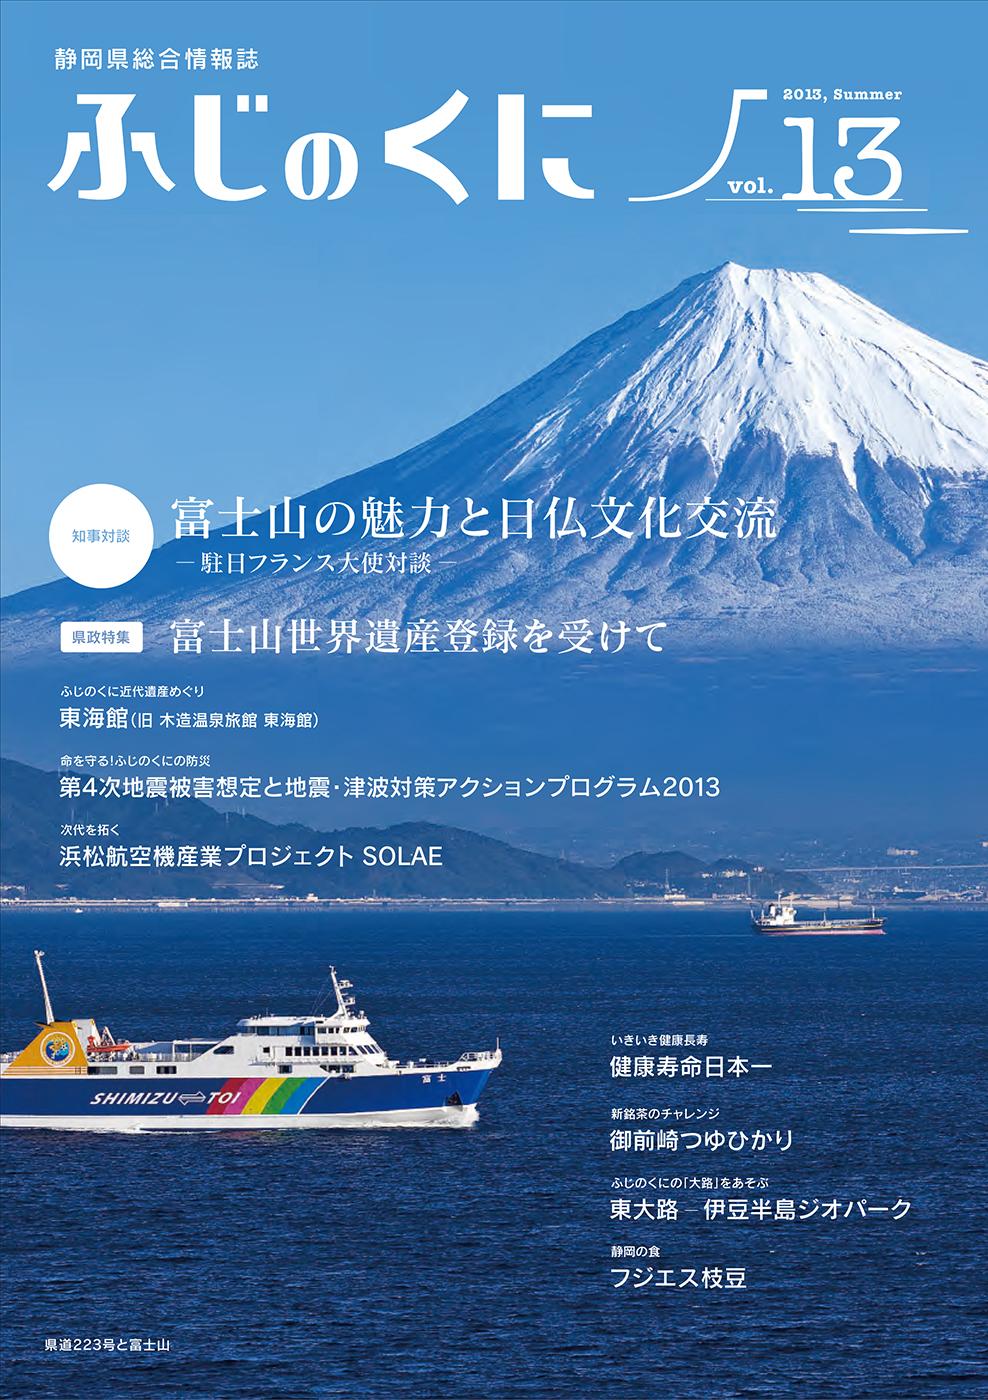 静岡県公式総合情報誌「ふじのくに」 vol.13